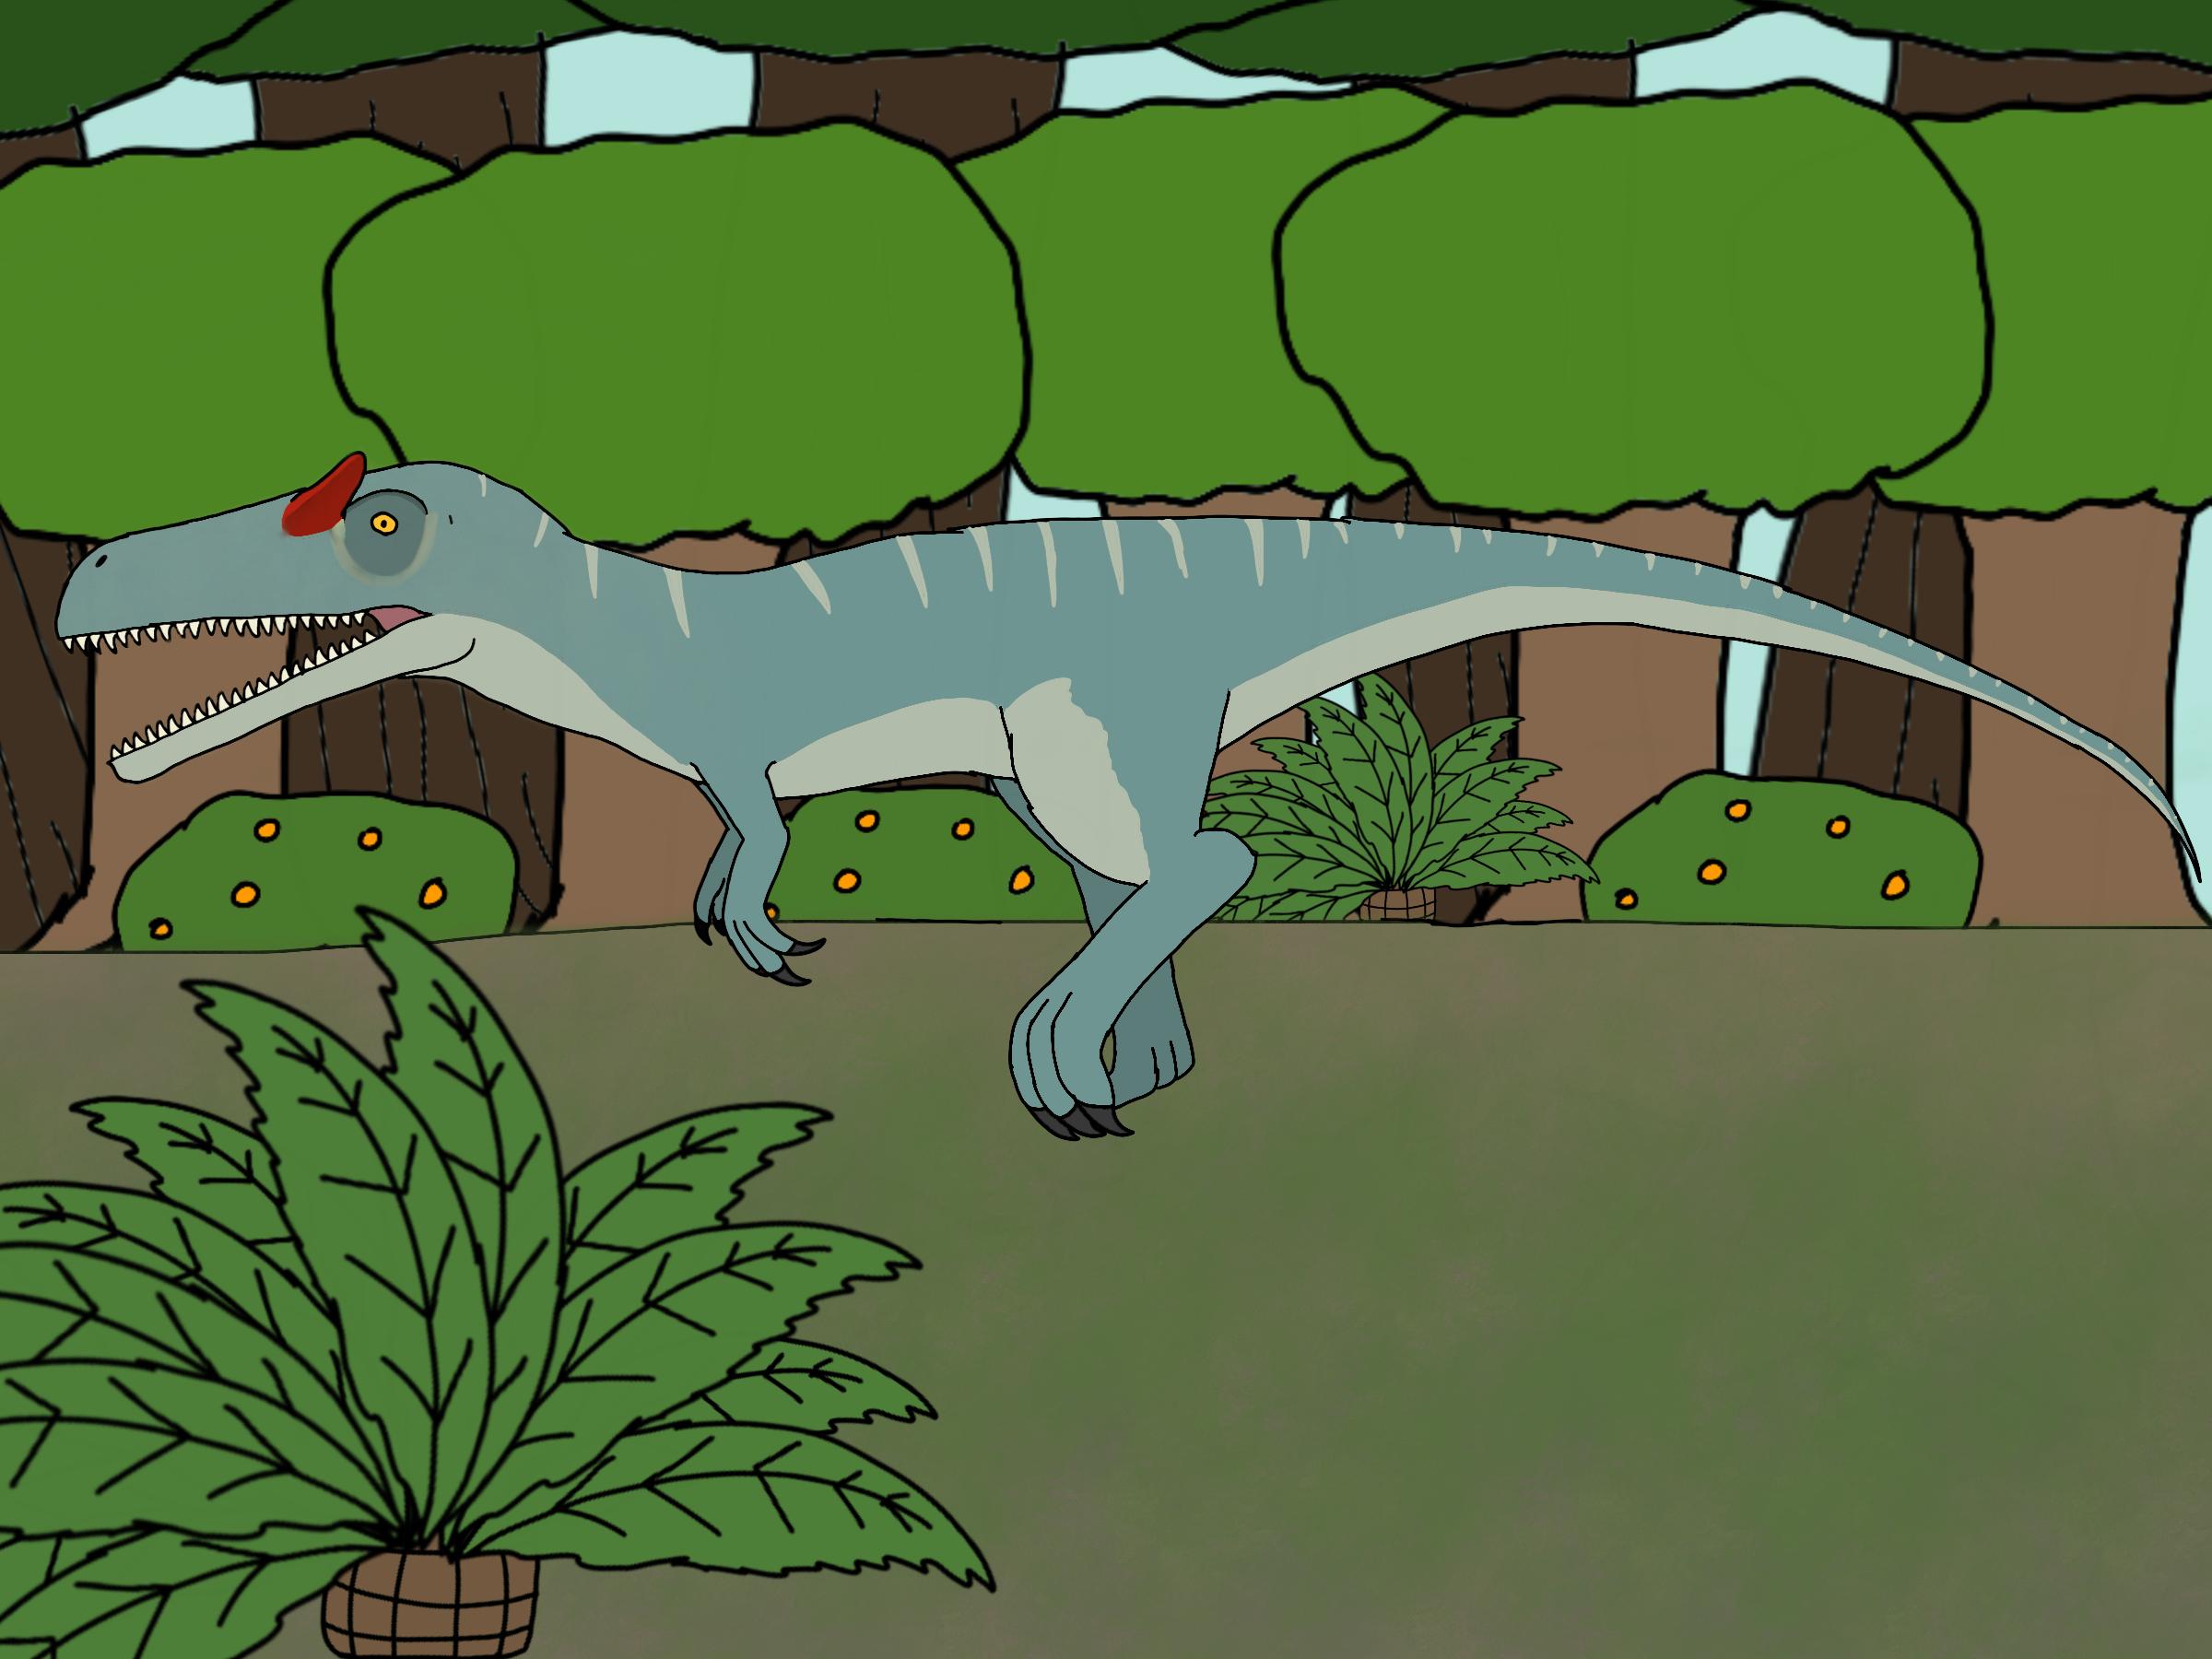 140561e56 More Jurassic Park based drawings | FANDOM